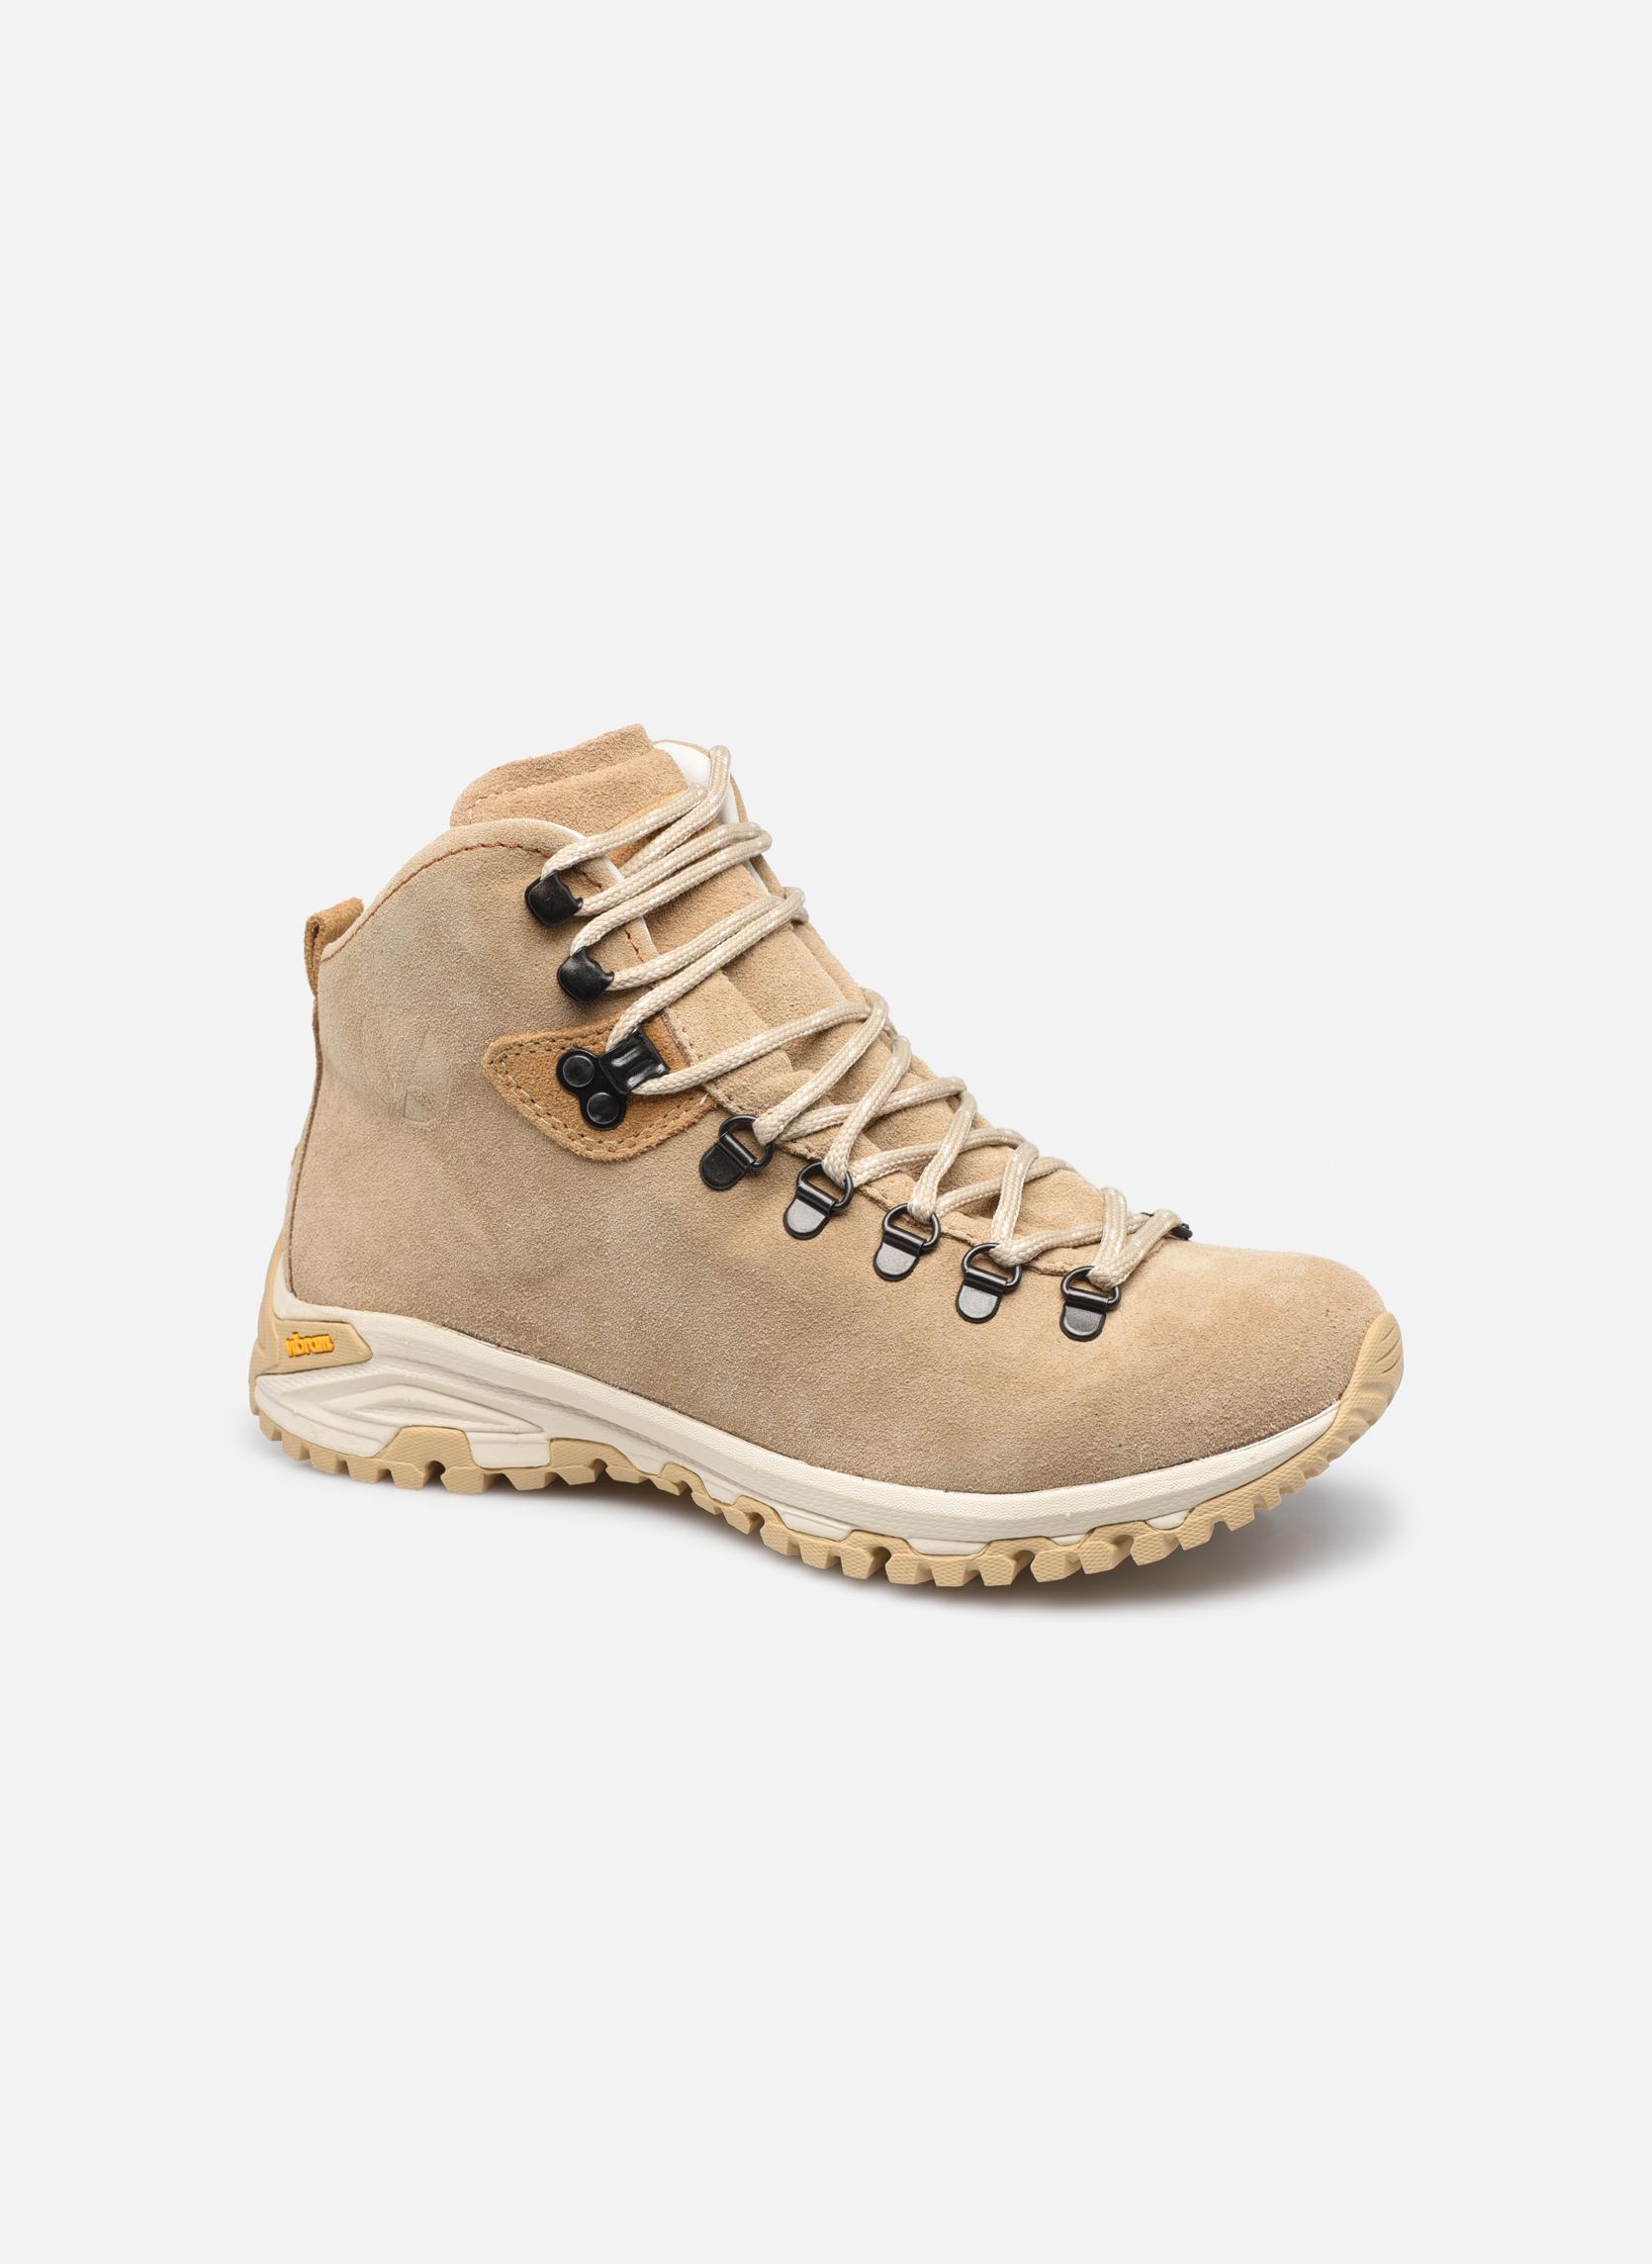 Zapatos promocionales Kimberfeel SELLA (Beige) - Zapatillas de deporte   Los últimos zapatos de descuento para hombres y mujeres